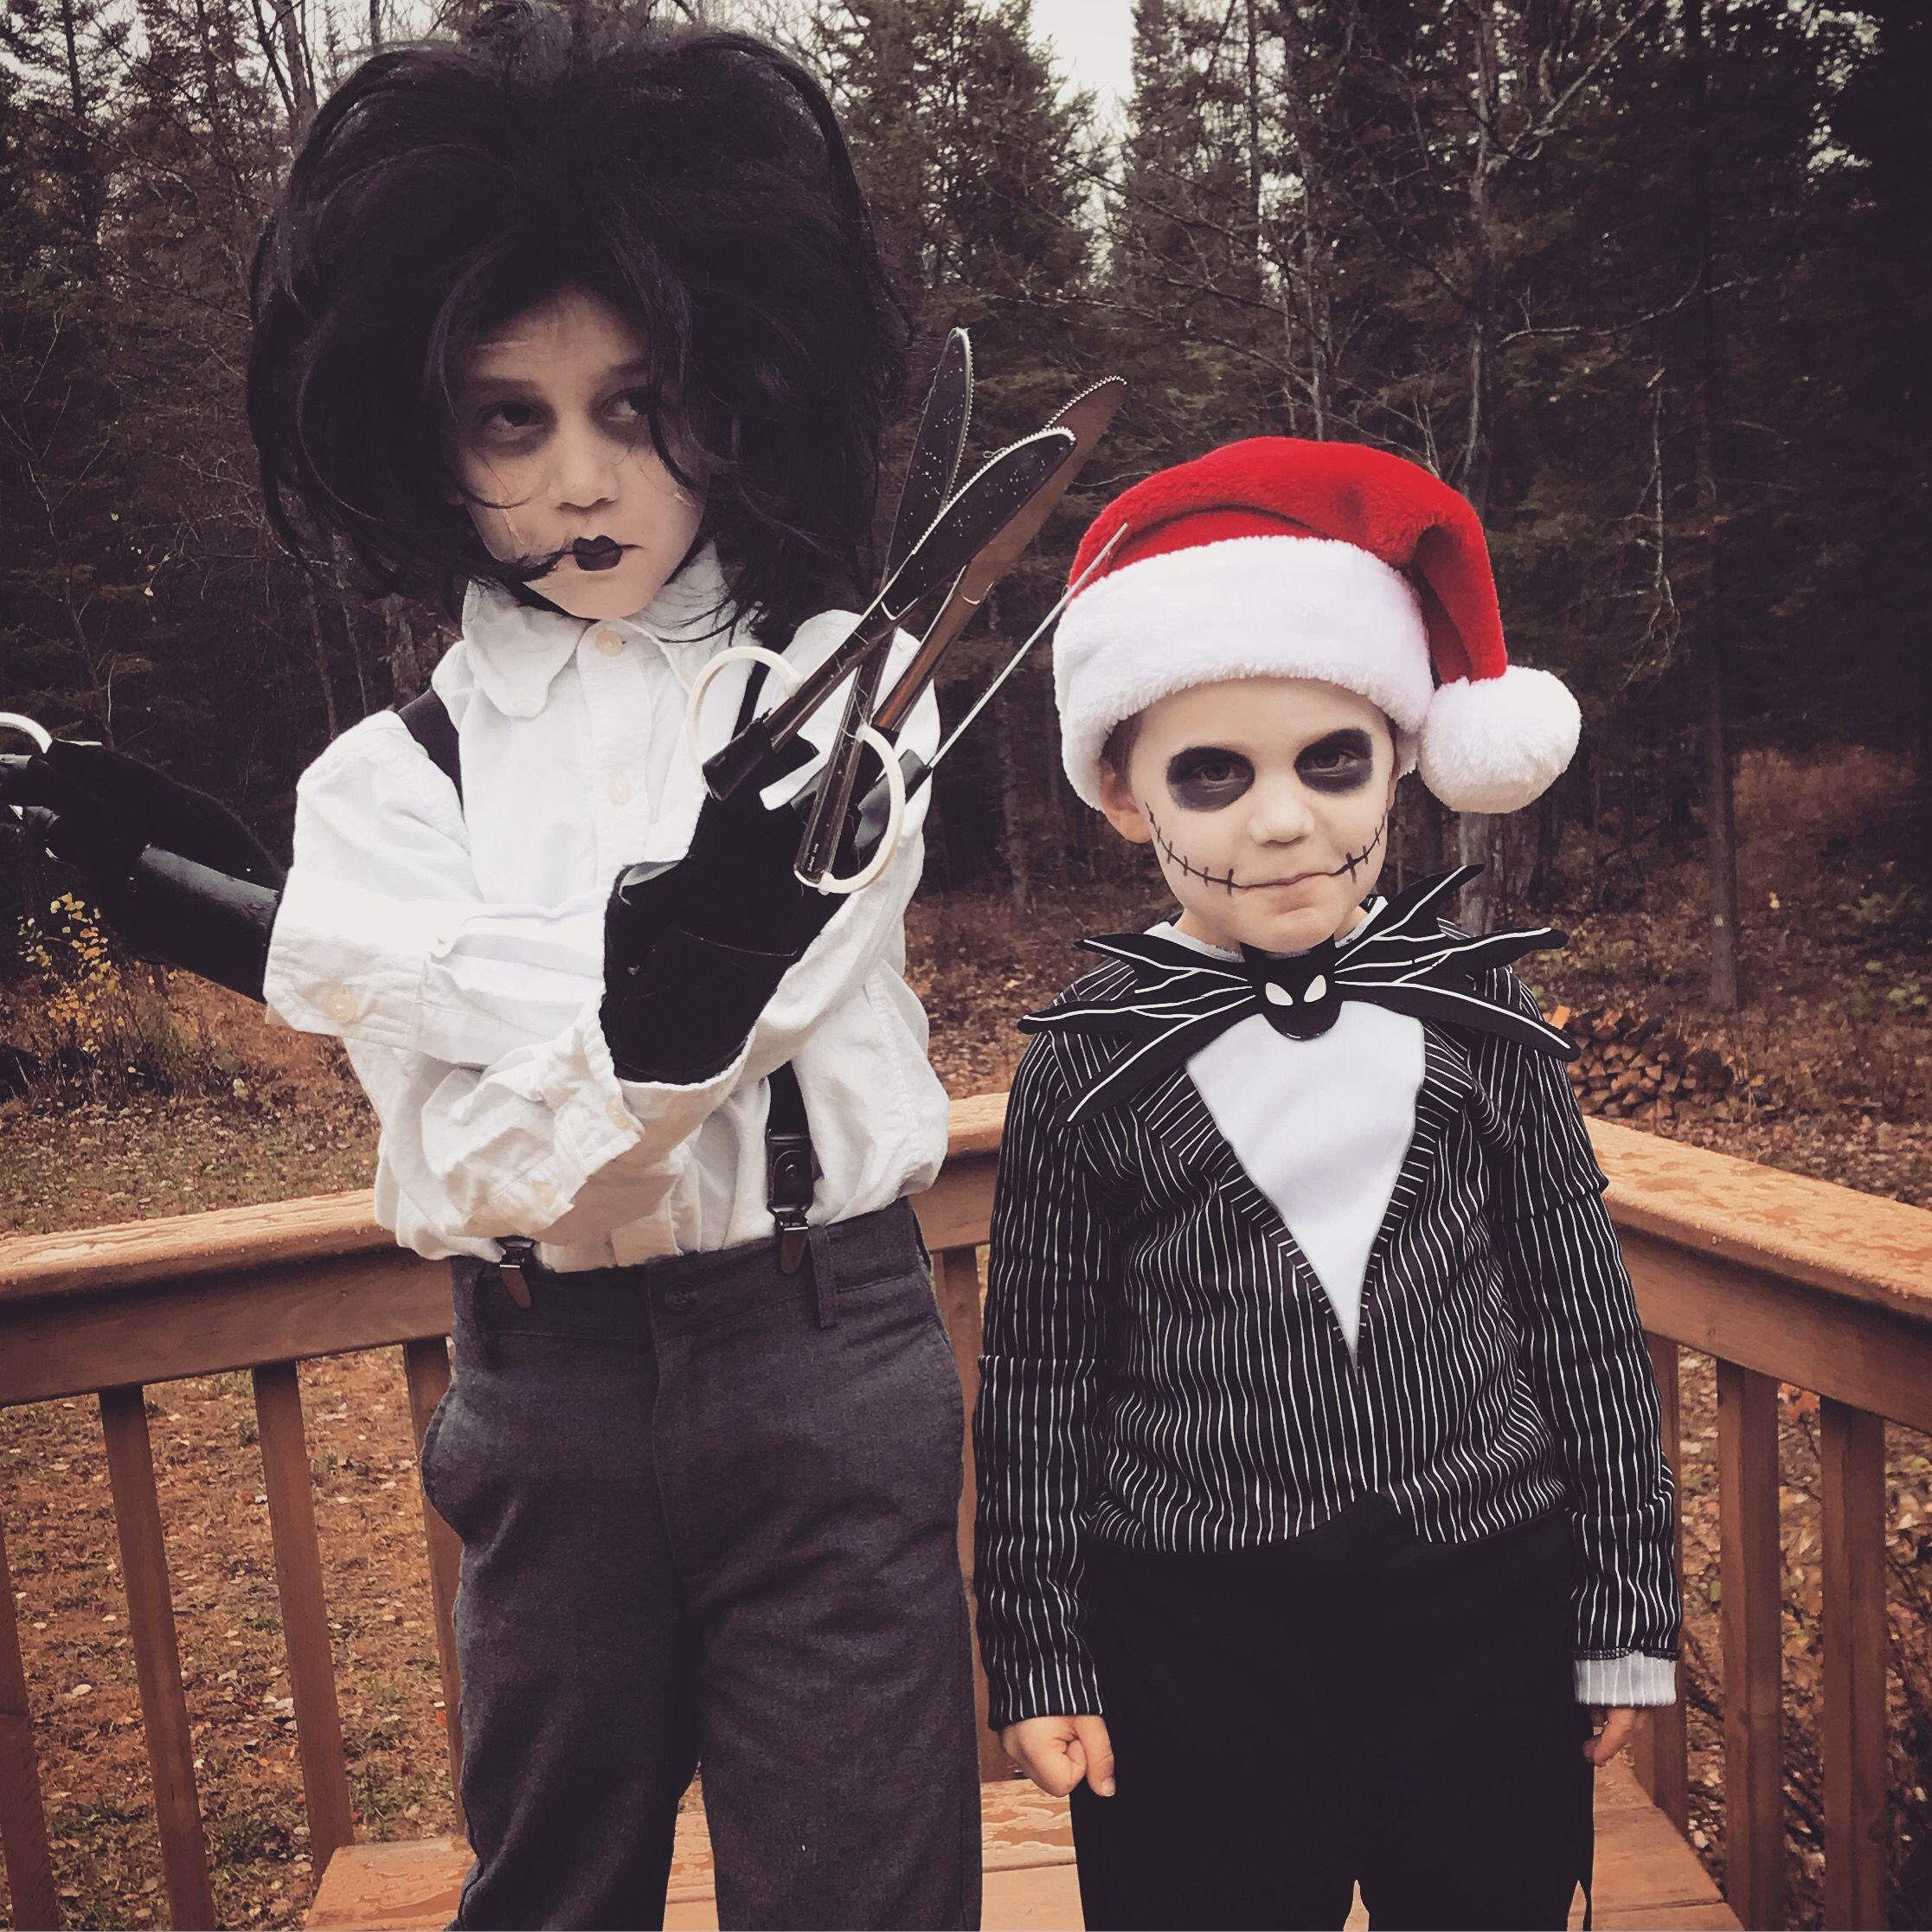 Edward Scissorhands and Jack Skellington Halloween